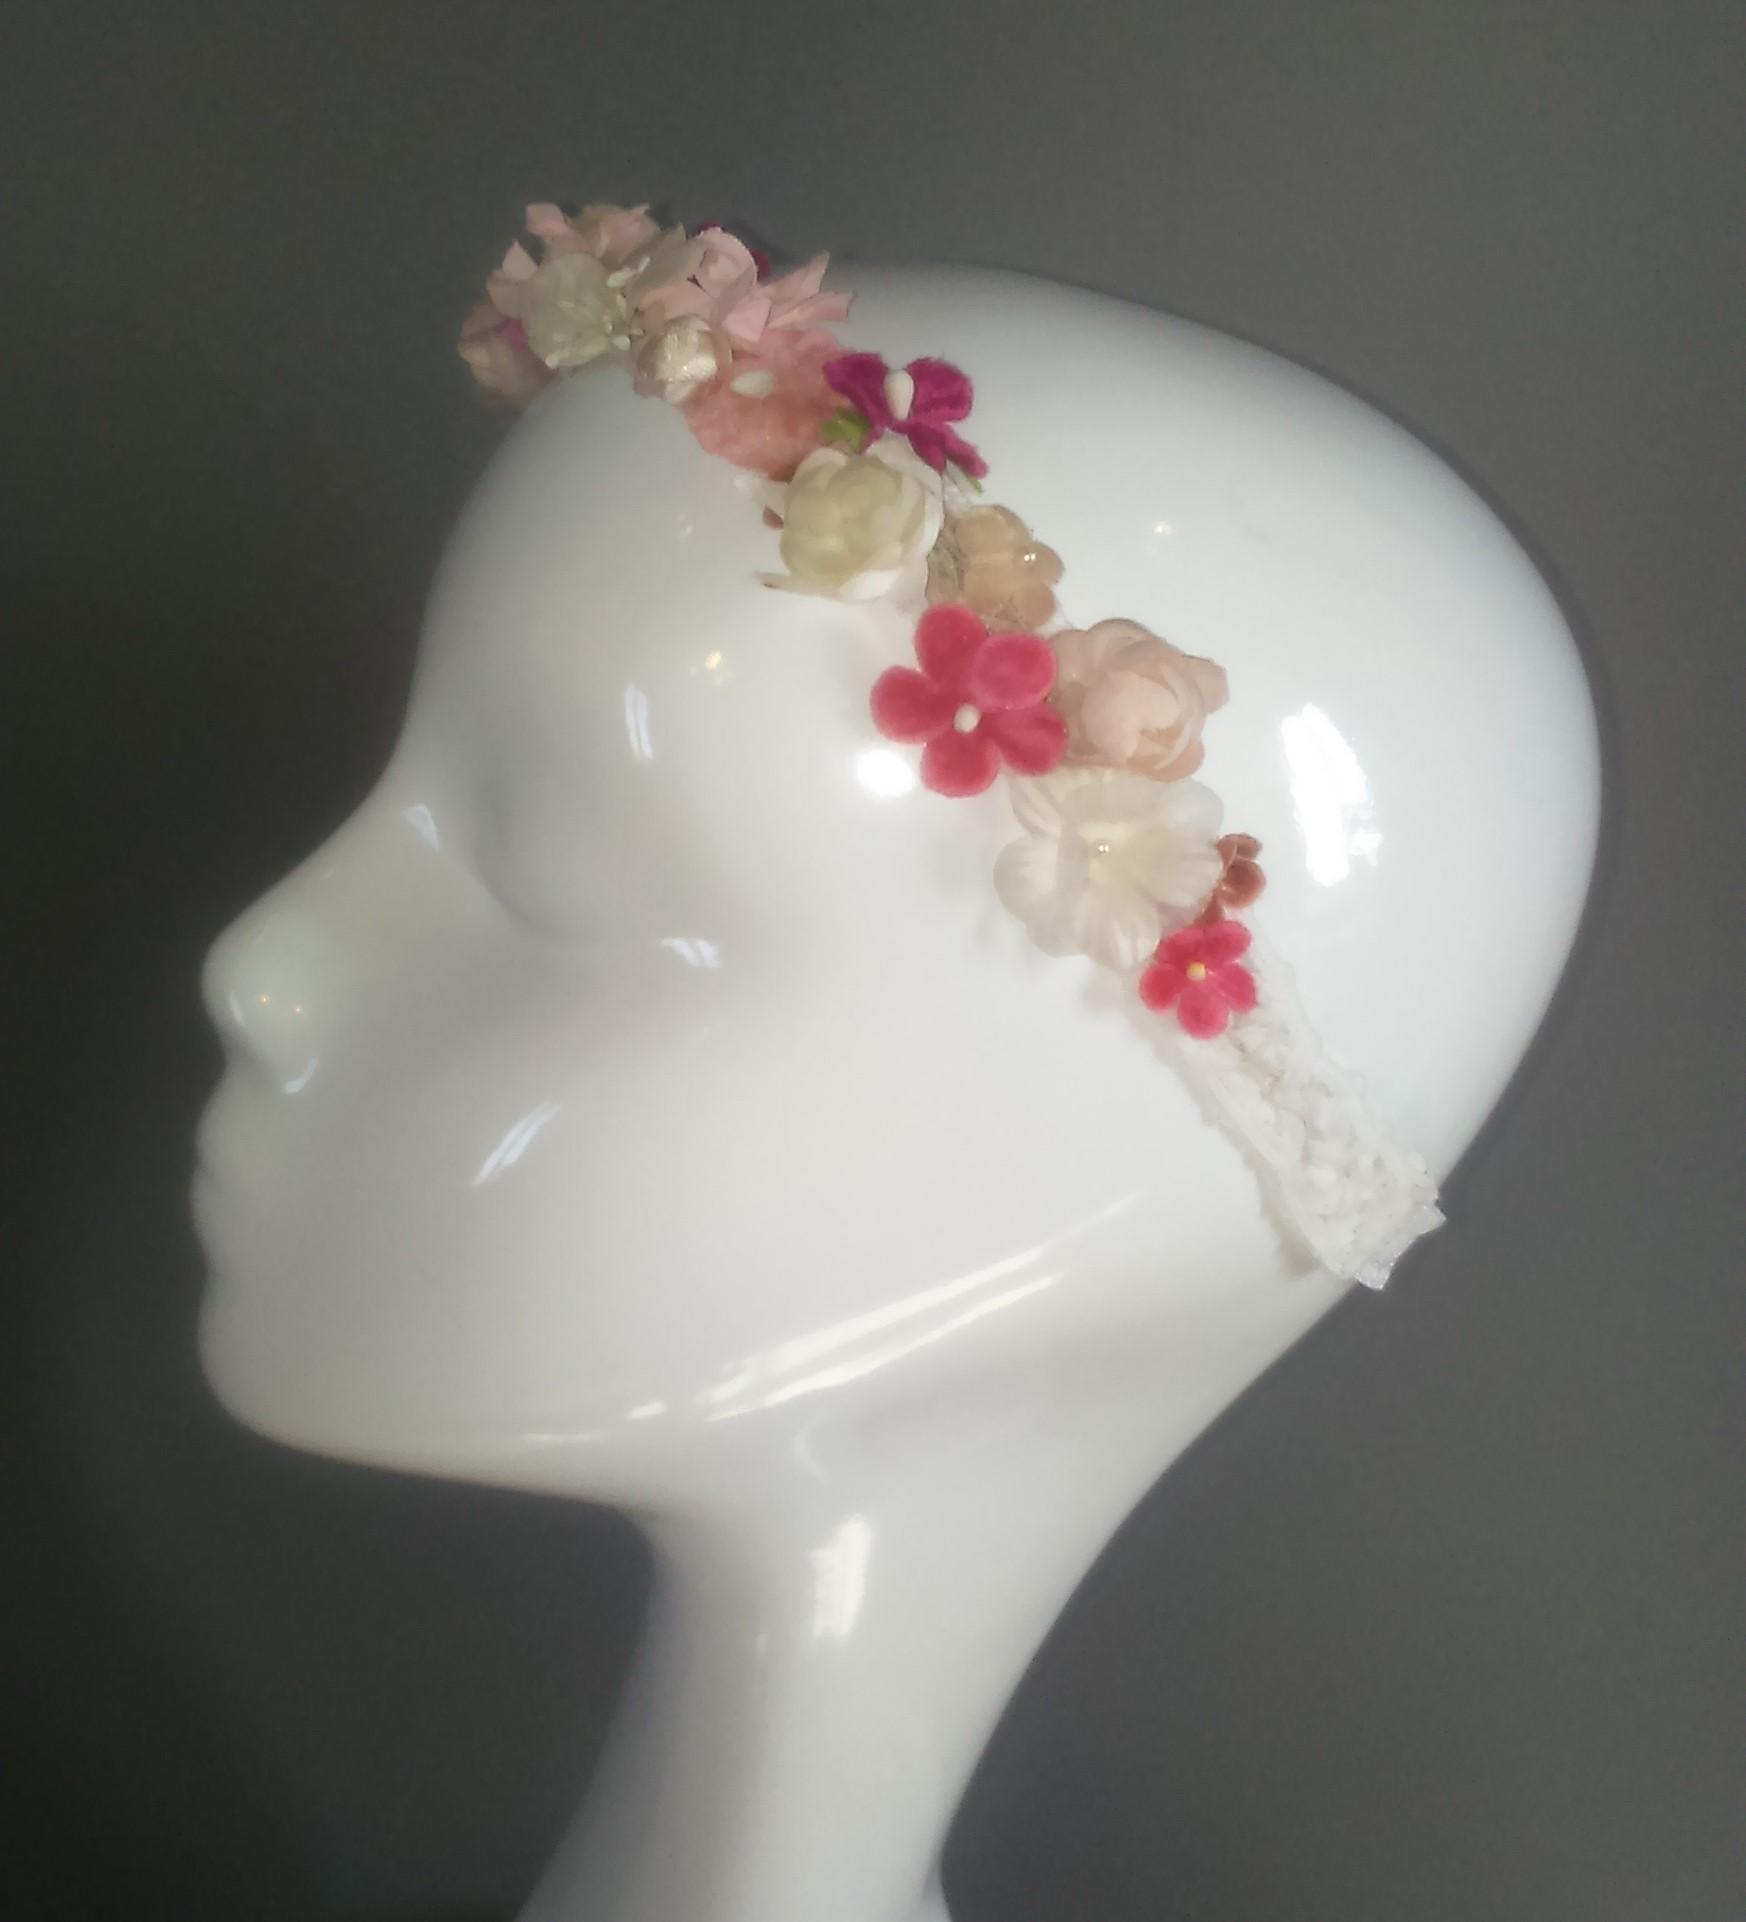 chapeau de mariage pour une future mariée ?